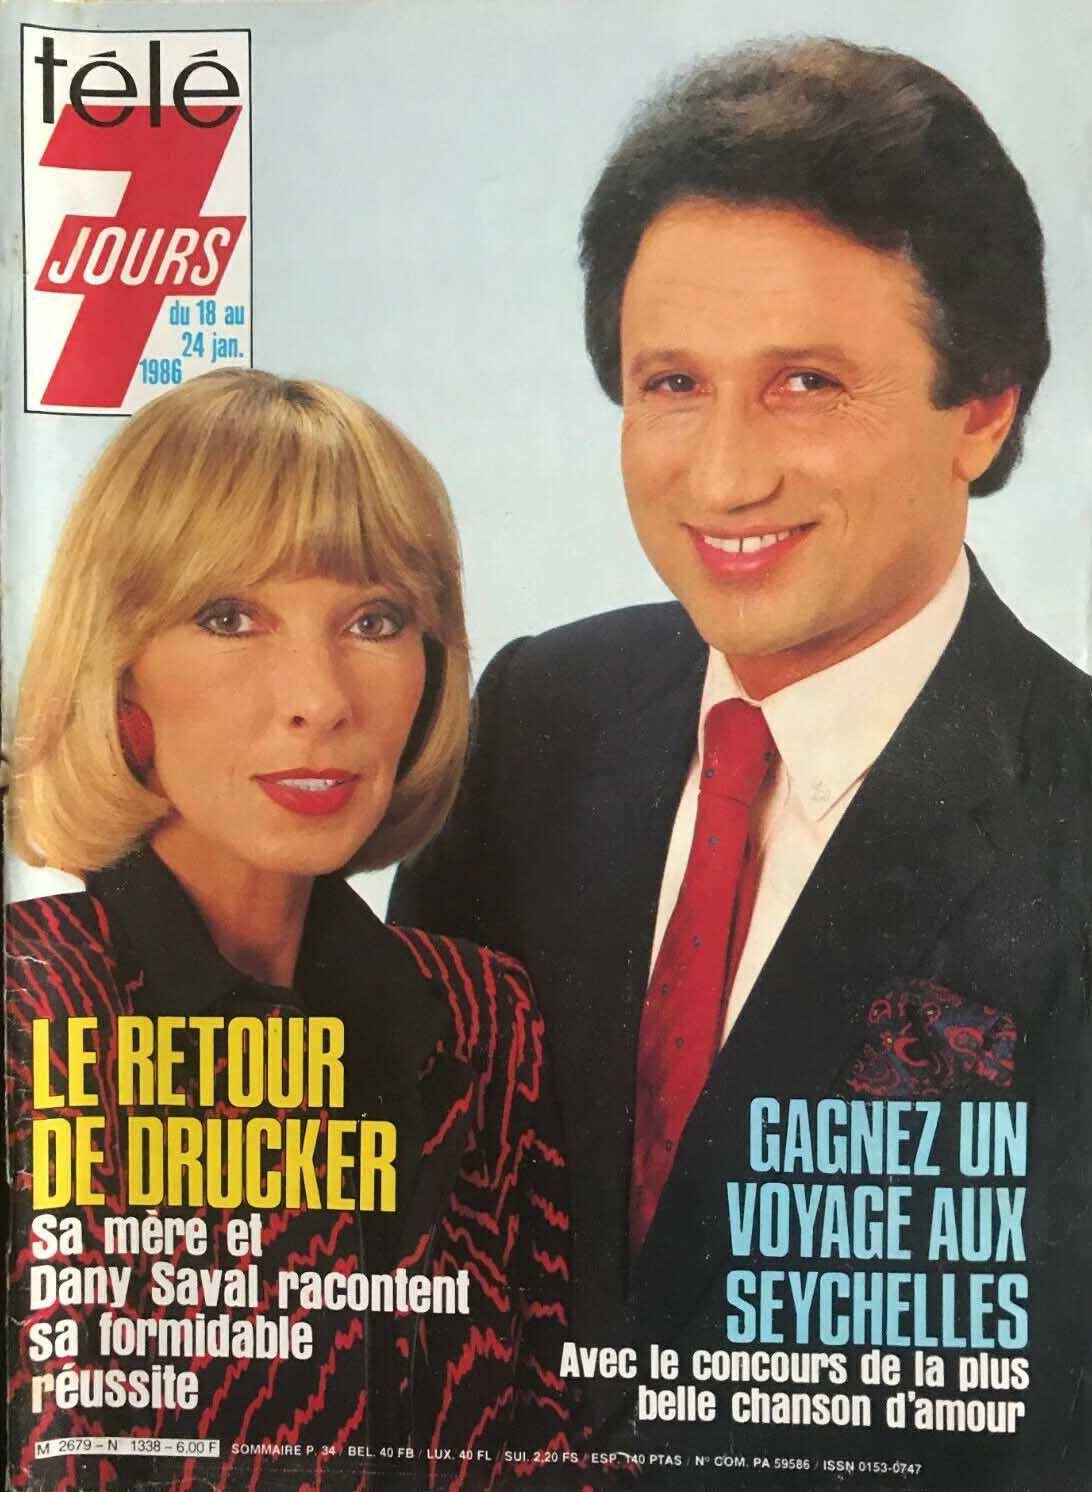 18 au 24 janvier 1986